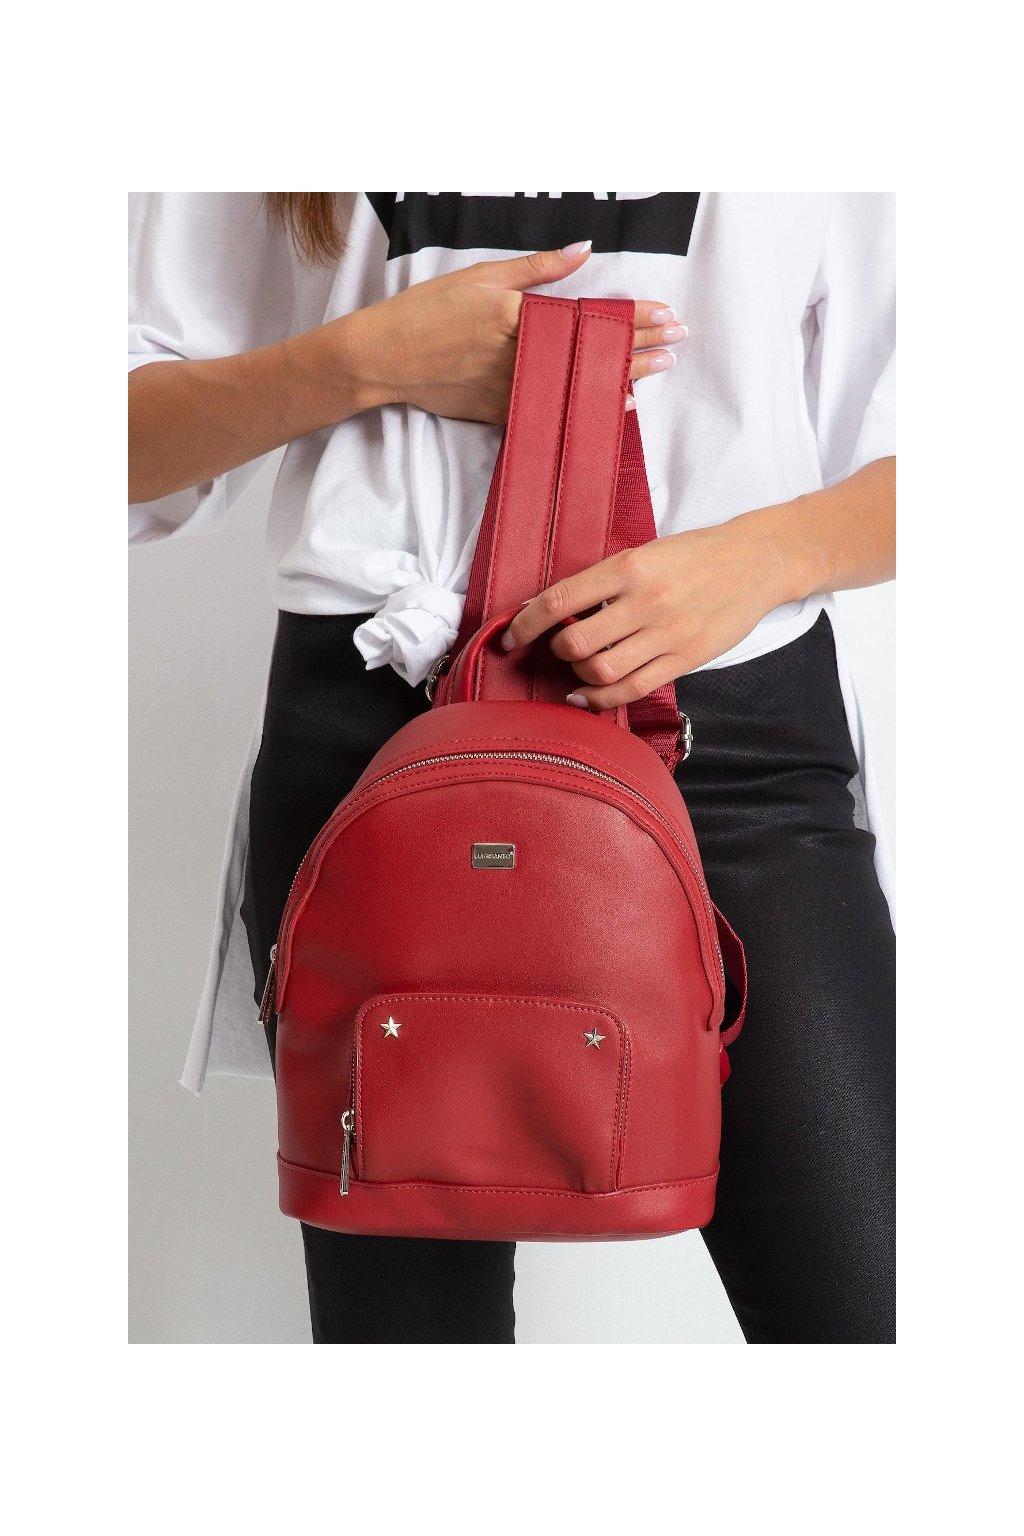 Menší červený batoh Luigisanto